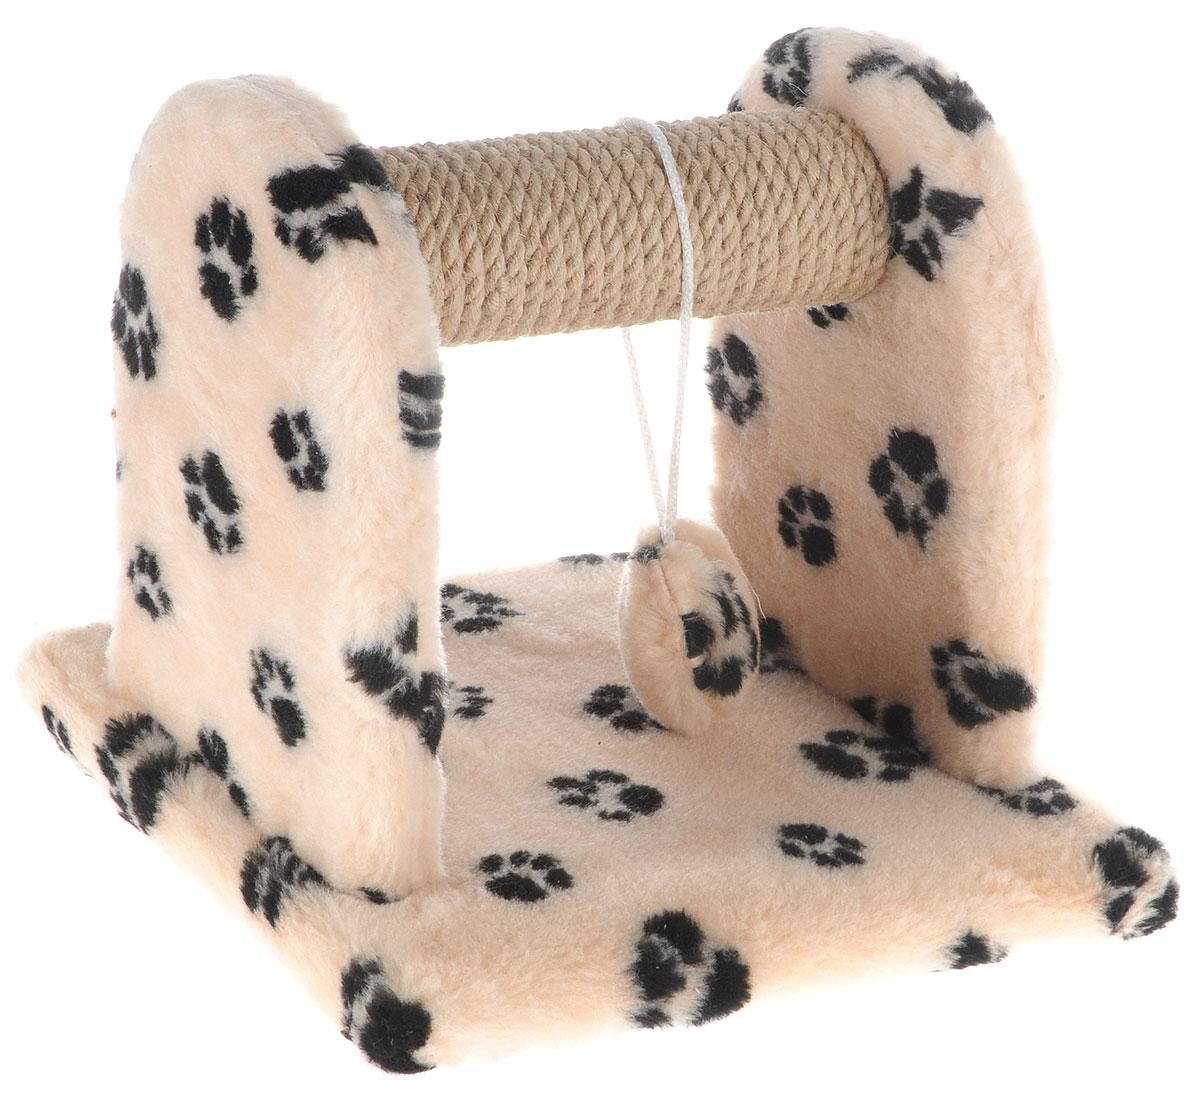 Когтеточка для котят Меридиан, с игрушкой, цвет: бежевый, черный, 26 х 26 х 26 см0120710Когтеточка Меридиан предназначена для стачивания когтей вашего котенка и предотвращения их врастания. Она выполнена из ДВП, ДСП и обтянута искусственным мехом. Точатся когти о накладку из джута. Когтеточка оснащена подвесной игрушкой, привлекающей внимание котенка.Когтеточка позволяет сохранить неповрежденными мебель и другие предметы интерьера.